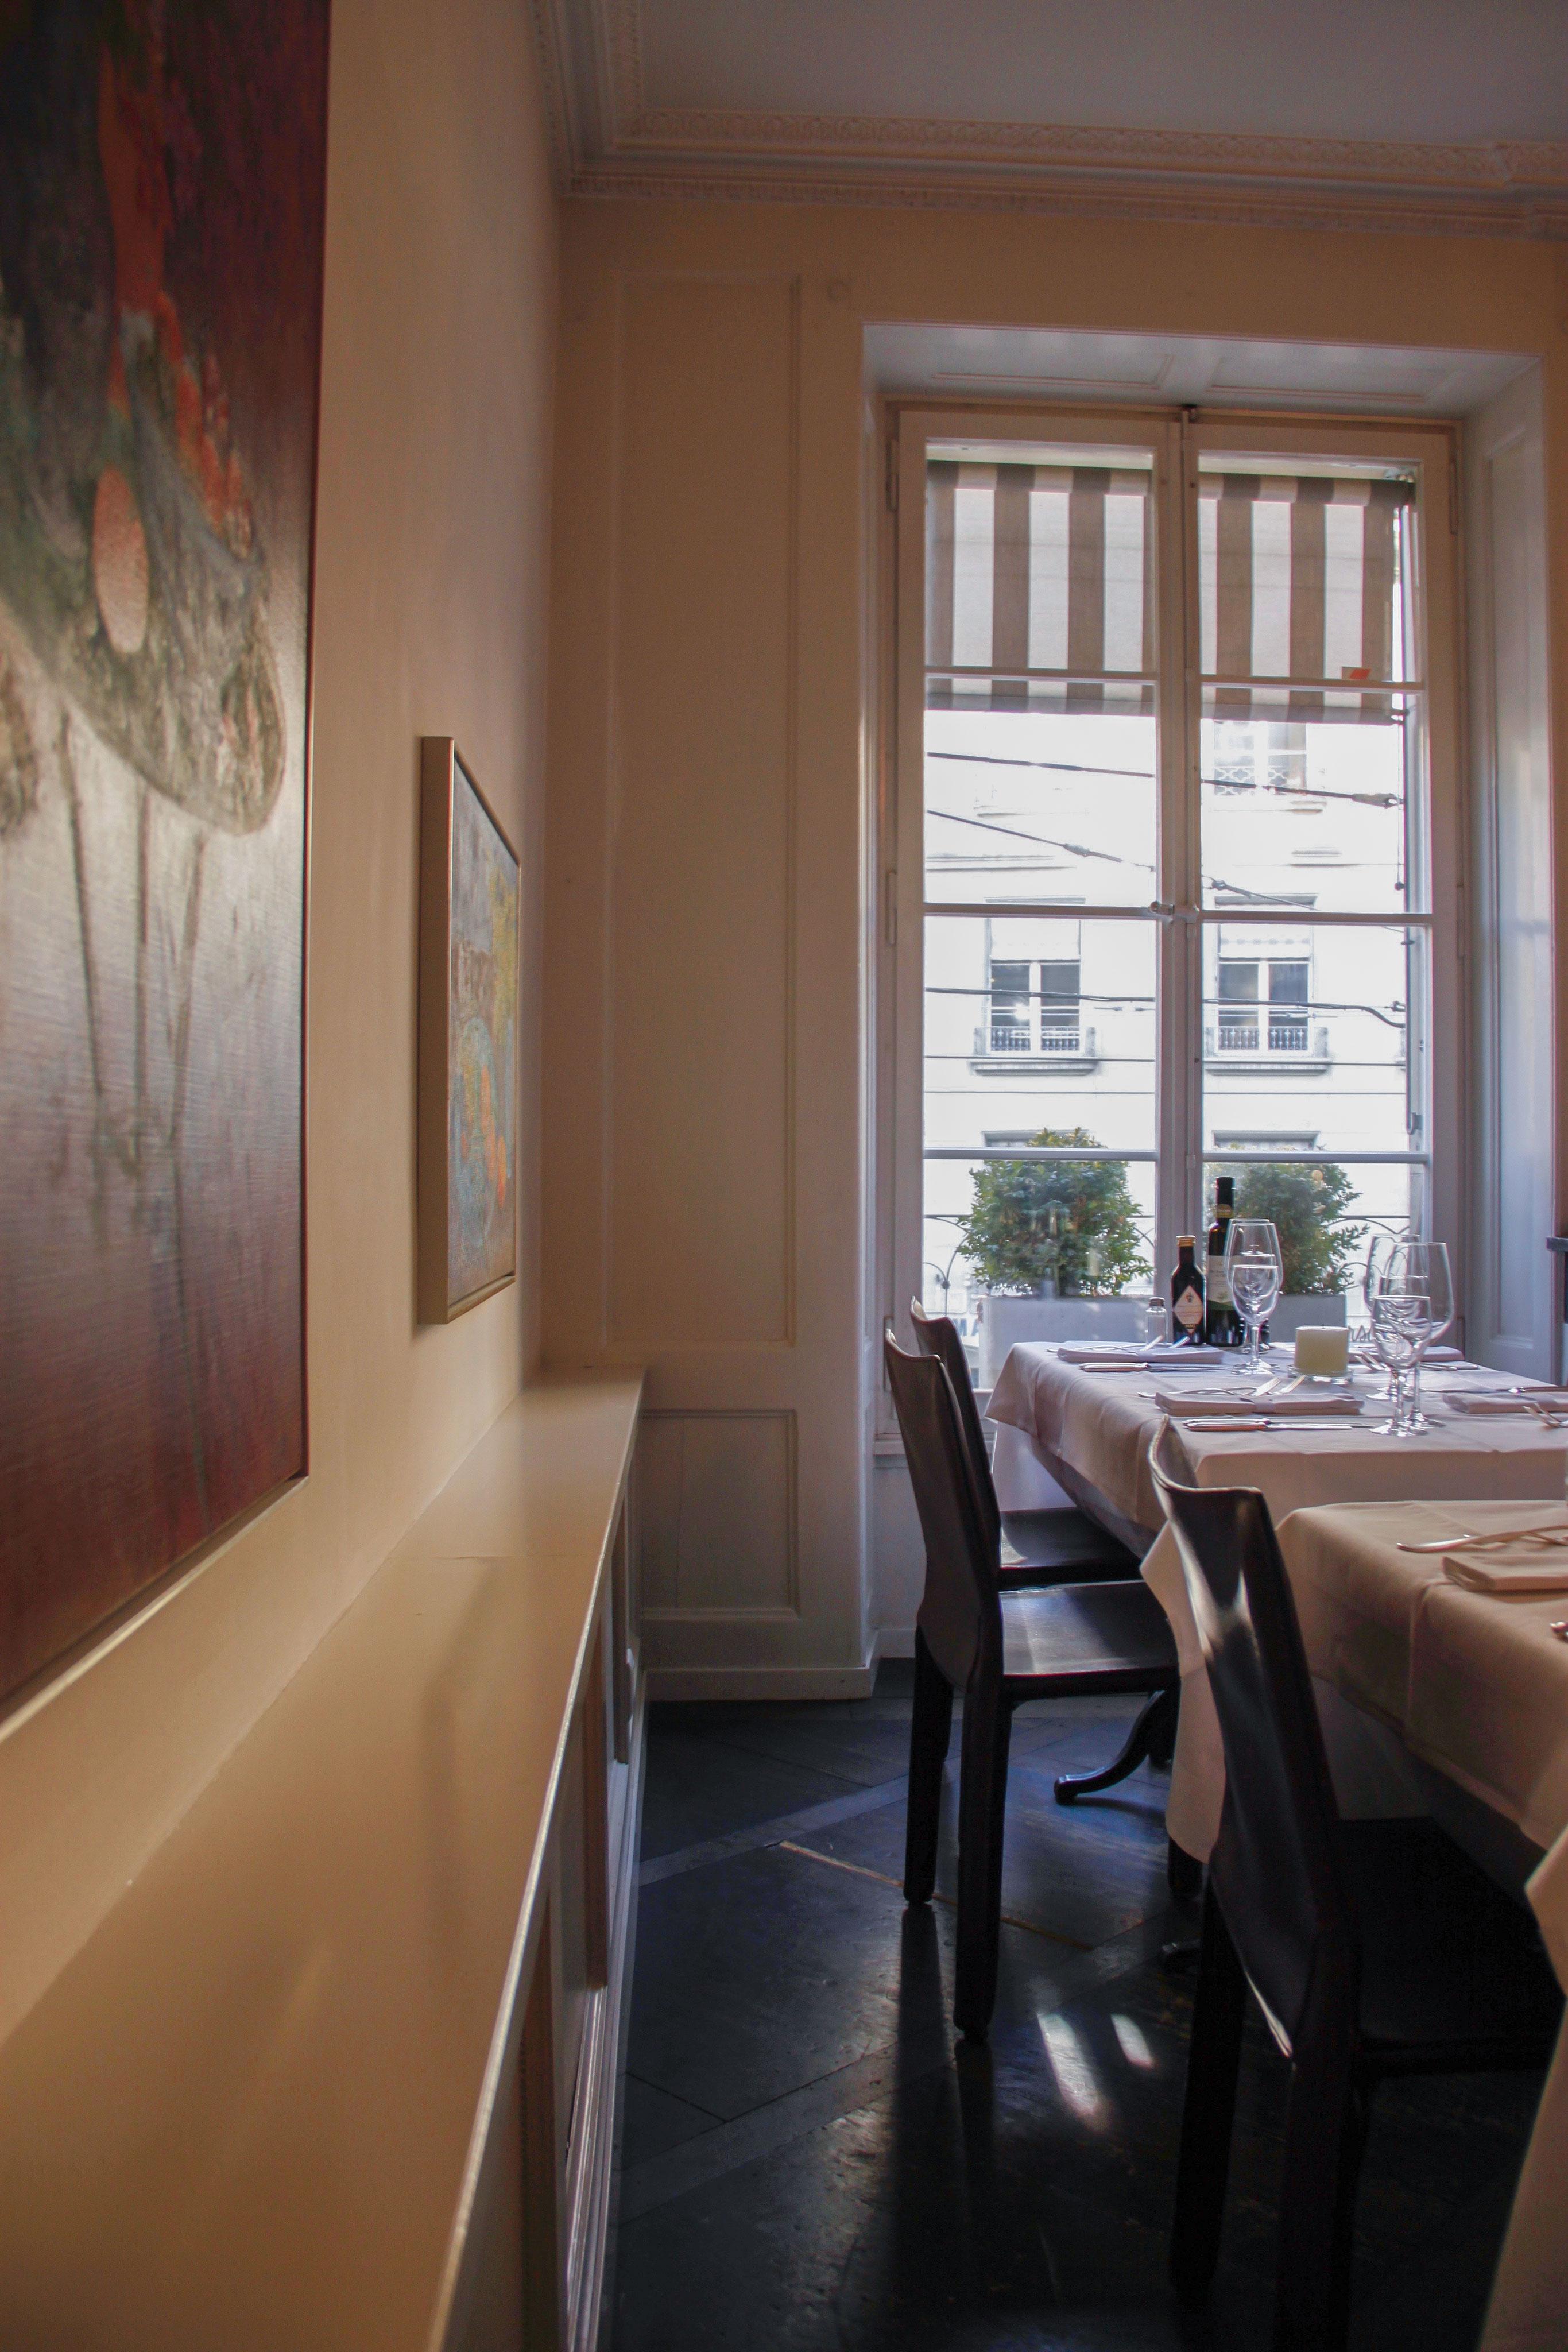 Restaurant Lorenzini - werren-bauleitungens Webseite!